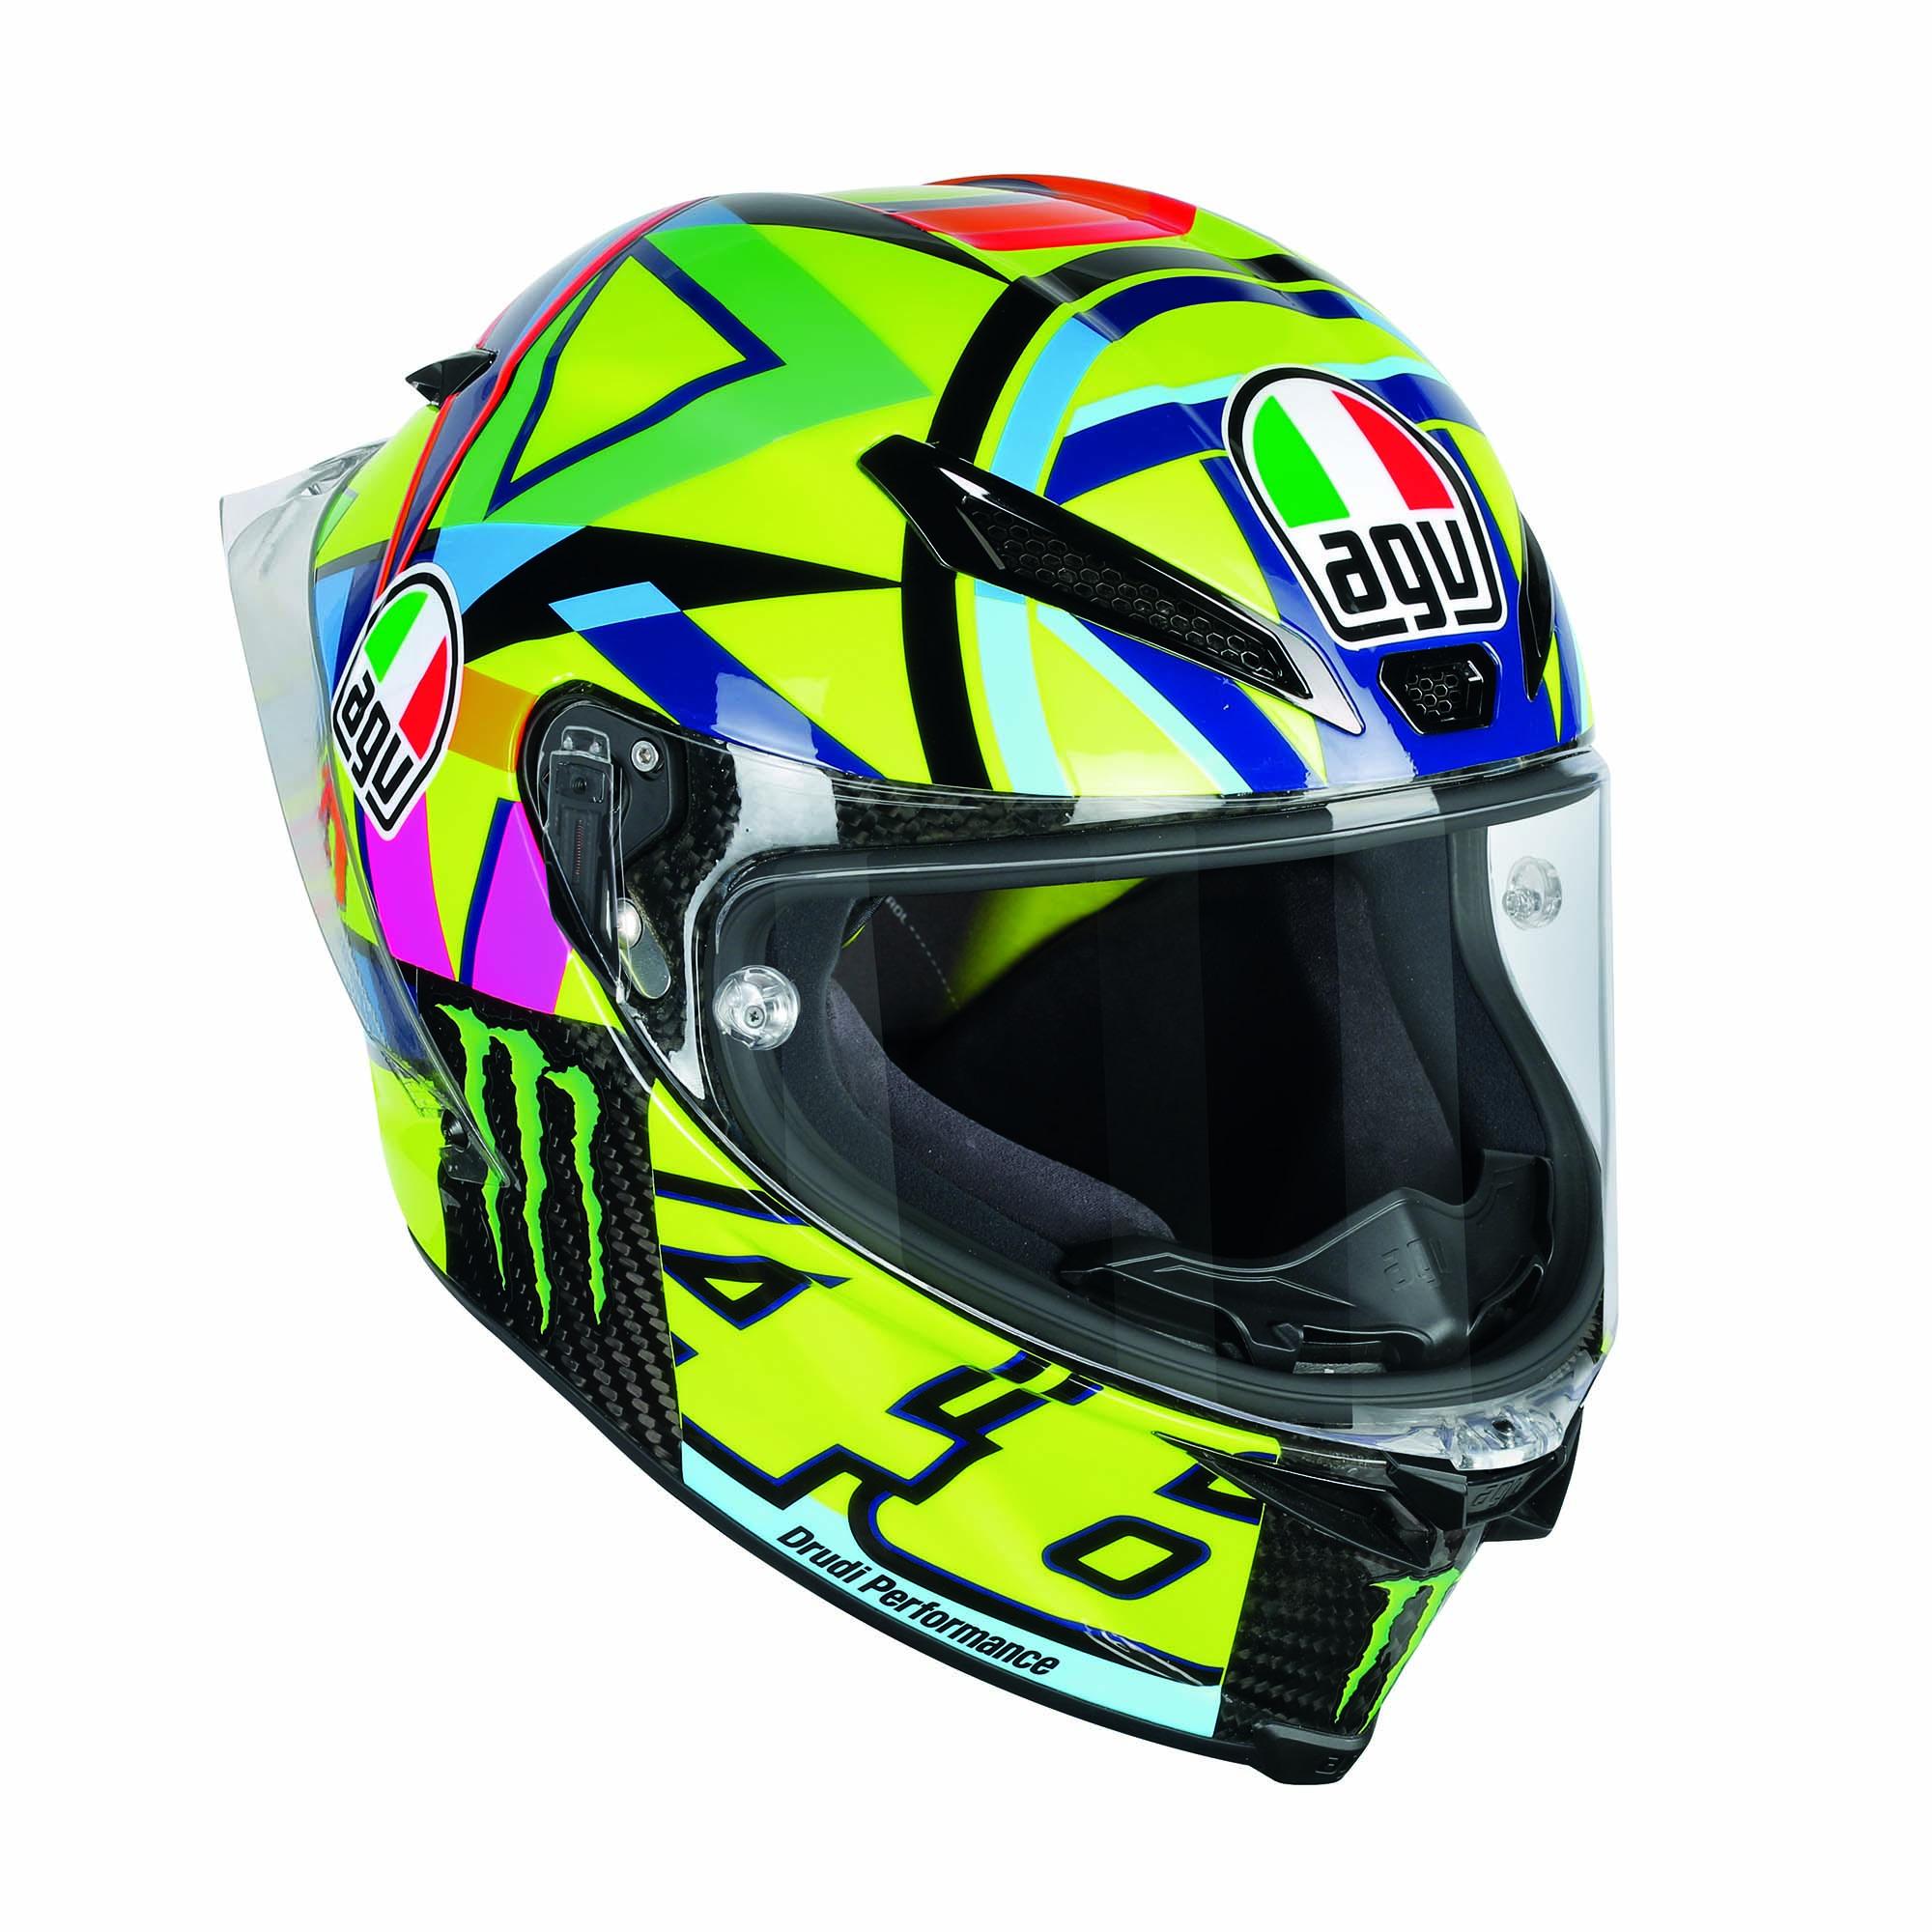 AGV Pista GP R Staccata   AGV Pista GPR   AGV helmets